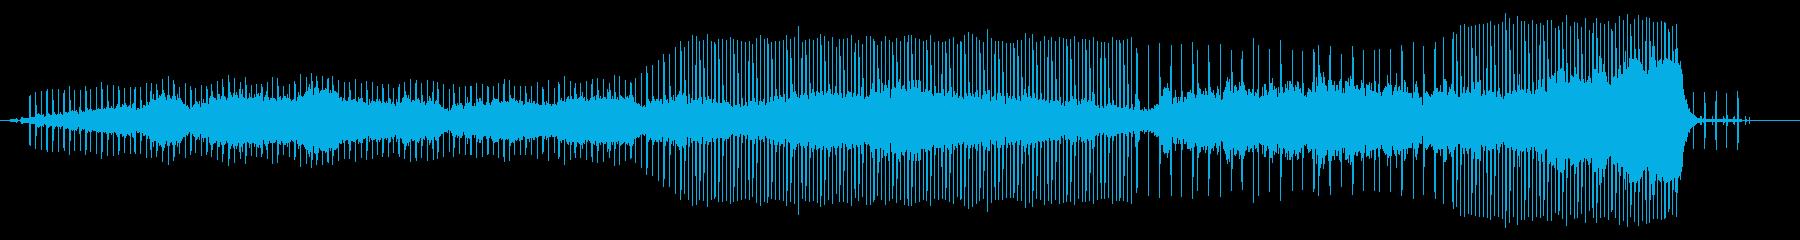 現代音楽風、サイケ、ホラーの劇伴のようなの再生済みの波形